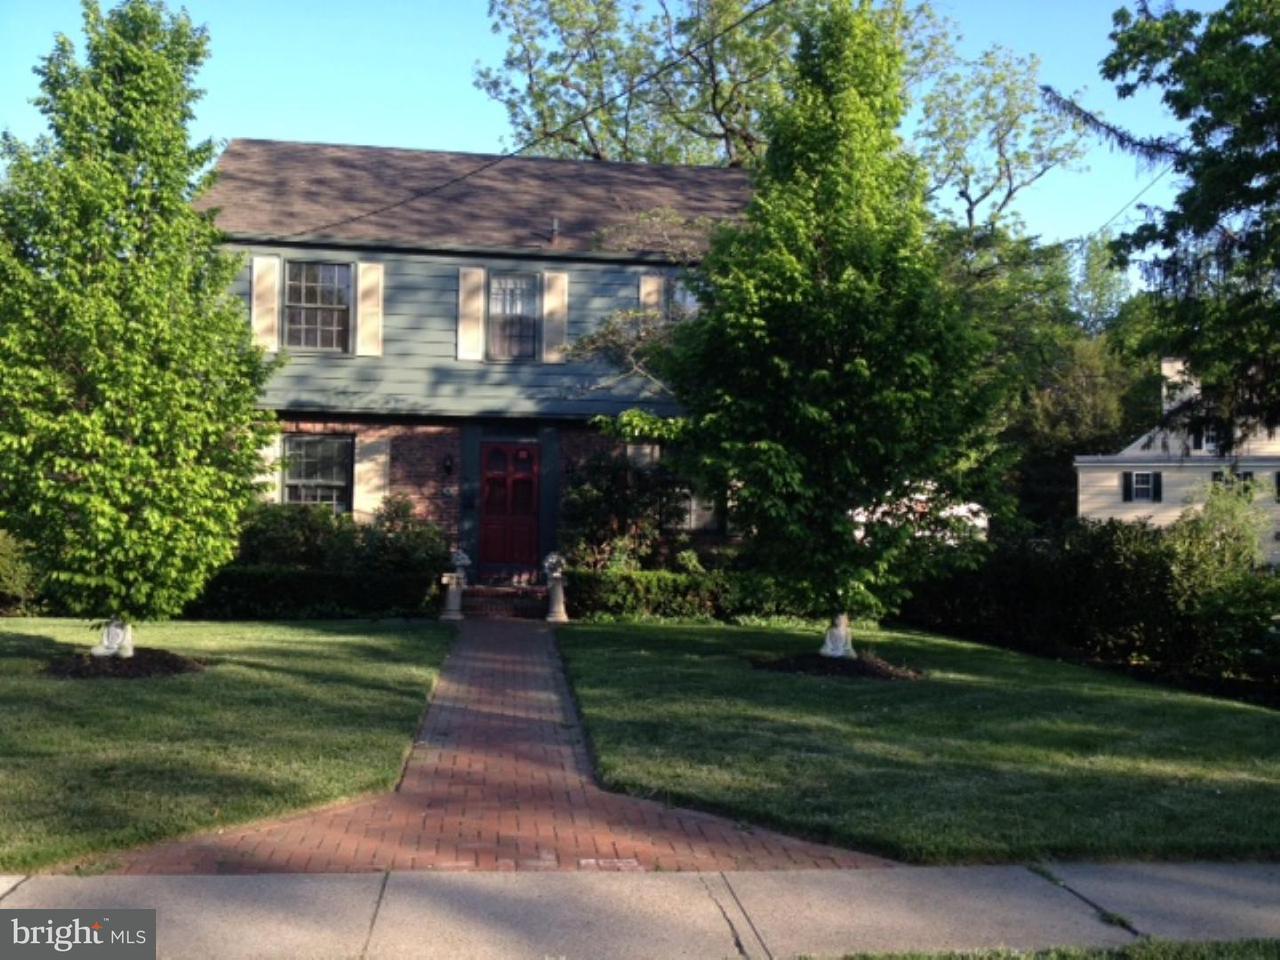 Casa Unifamiliar por un Alquiler en 6 E CHESTNUT Street Bordentown, Nueva Jersey 08505 Estados Unidos